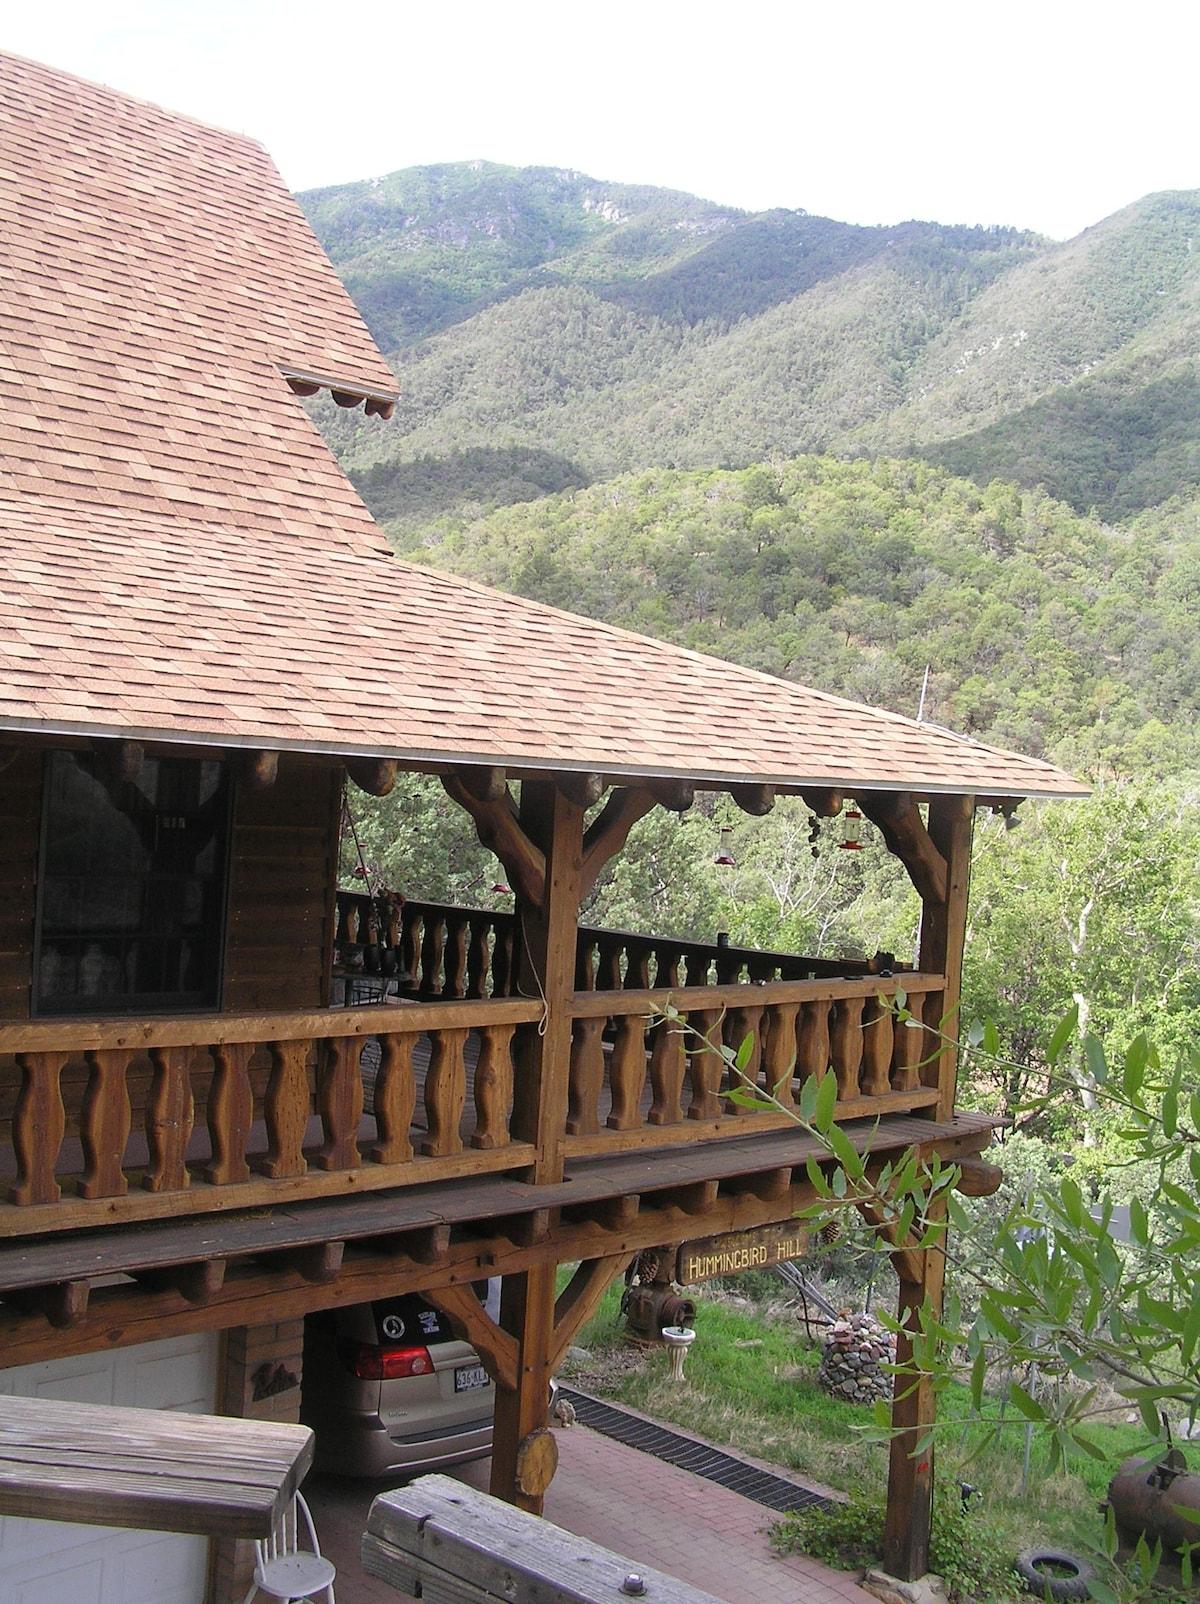 Incroyable Madera Canyon 2018 (with Photos): Top 20 Madera Canyon Vacation Rentals,  Vacation Homes U0026 Condo Rentals   Airbnb Madera Canyon, Arizona, United  States: ...